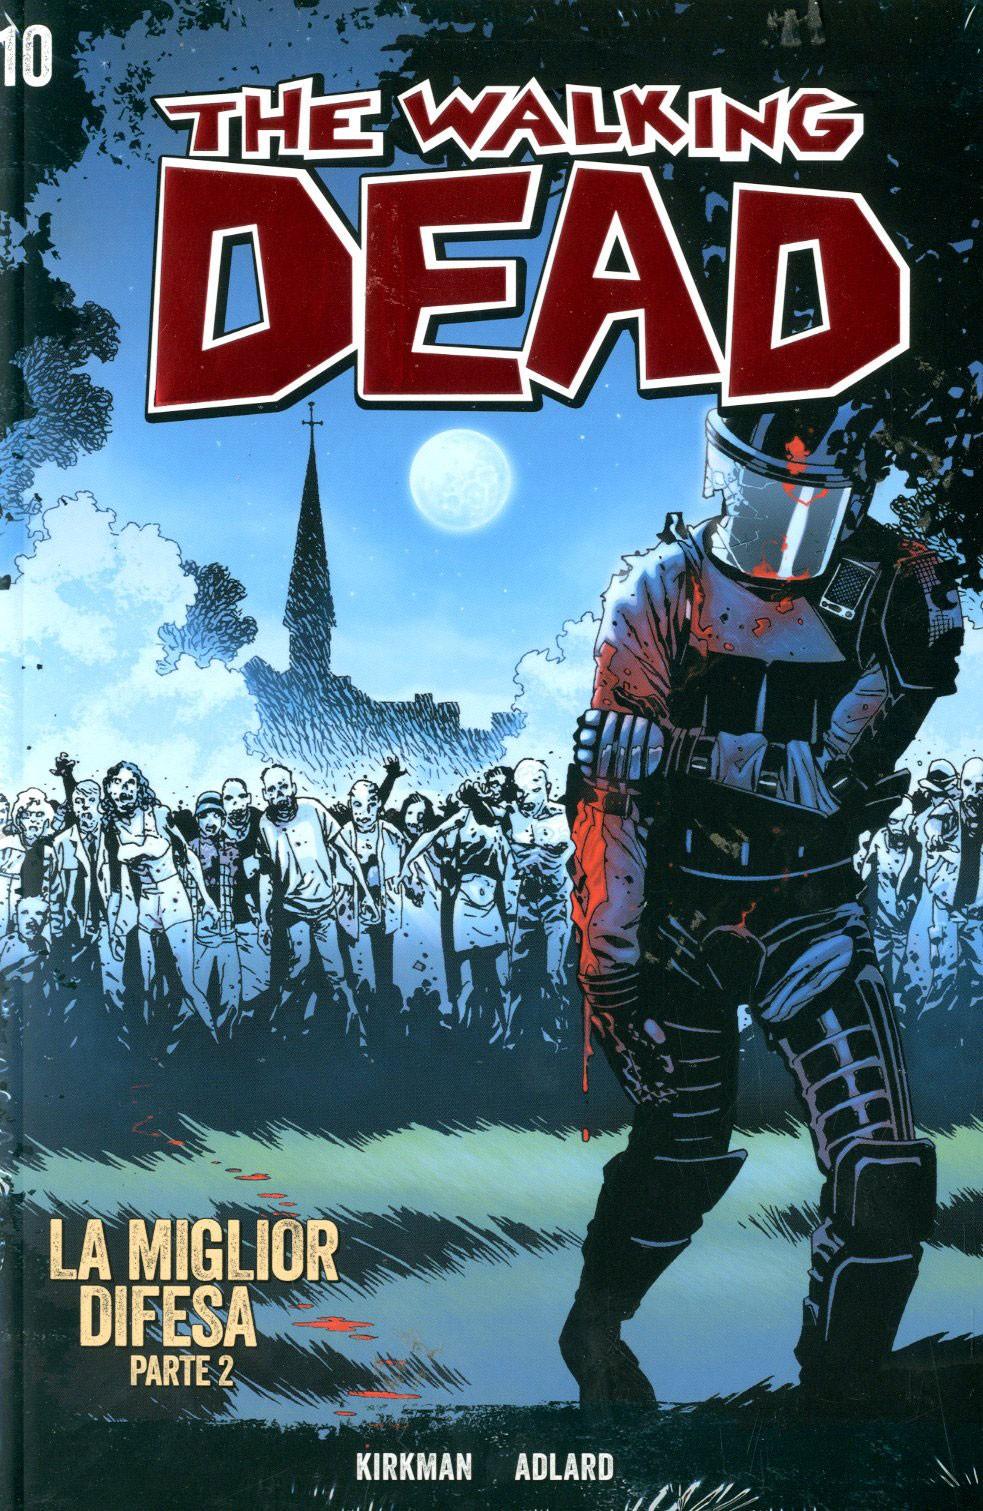 Walking Dead Gazzetta Sport - N° 10 - La Miglior Difesa 2 + Dvd - Saldapress